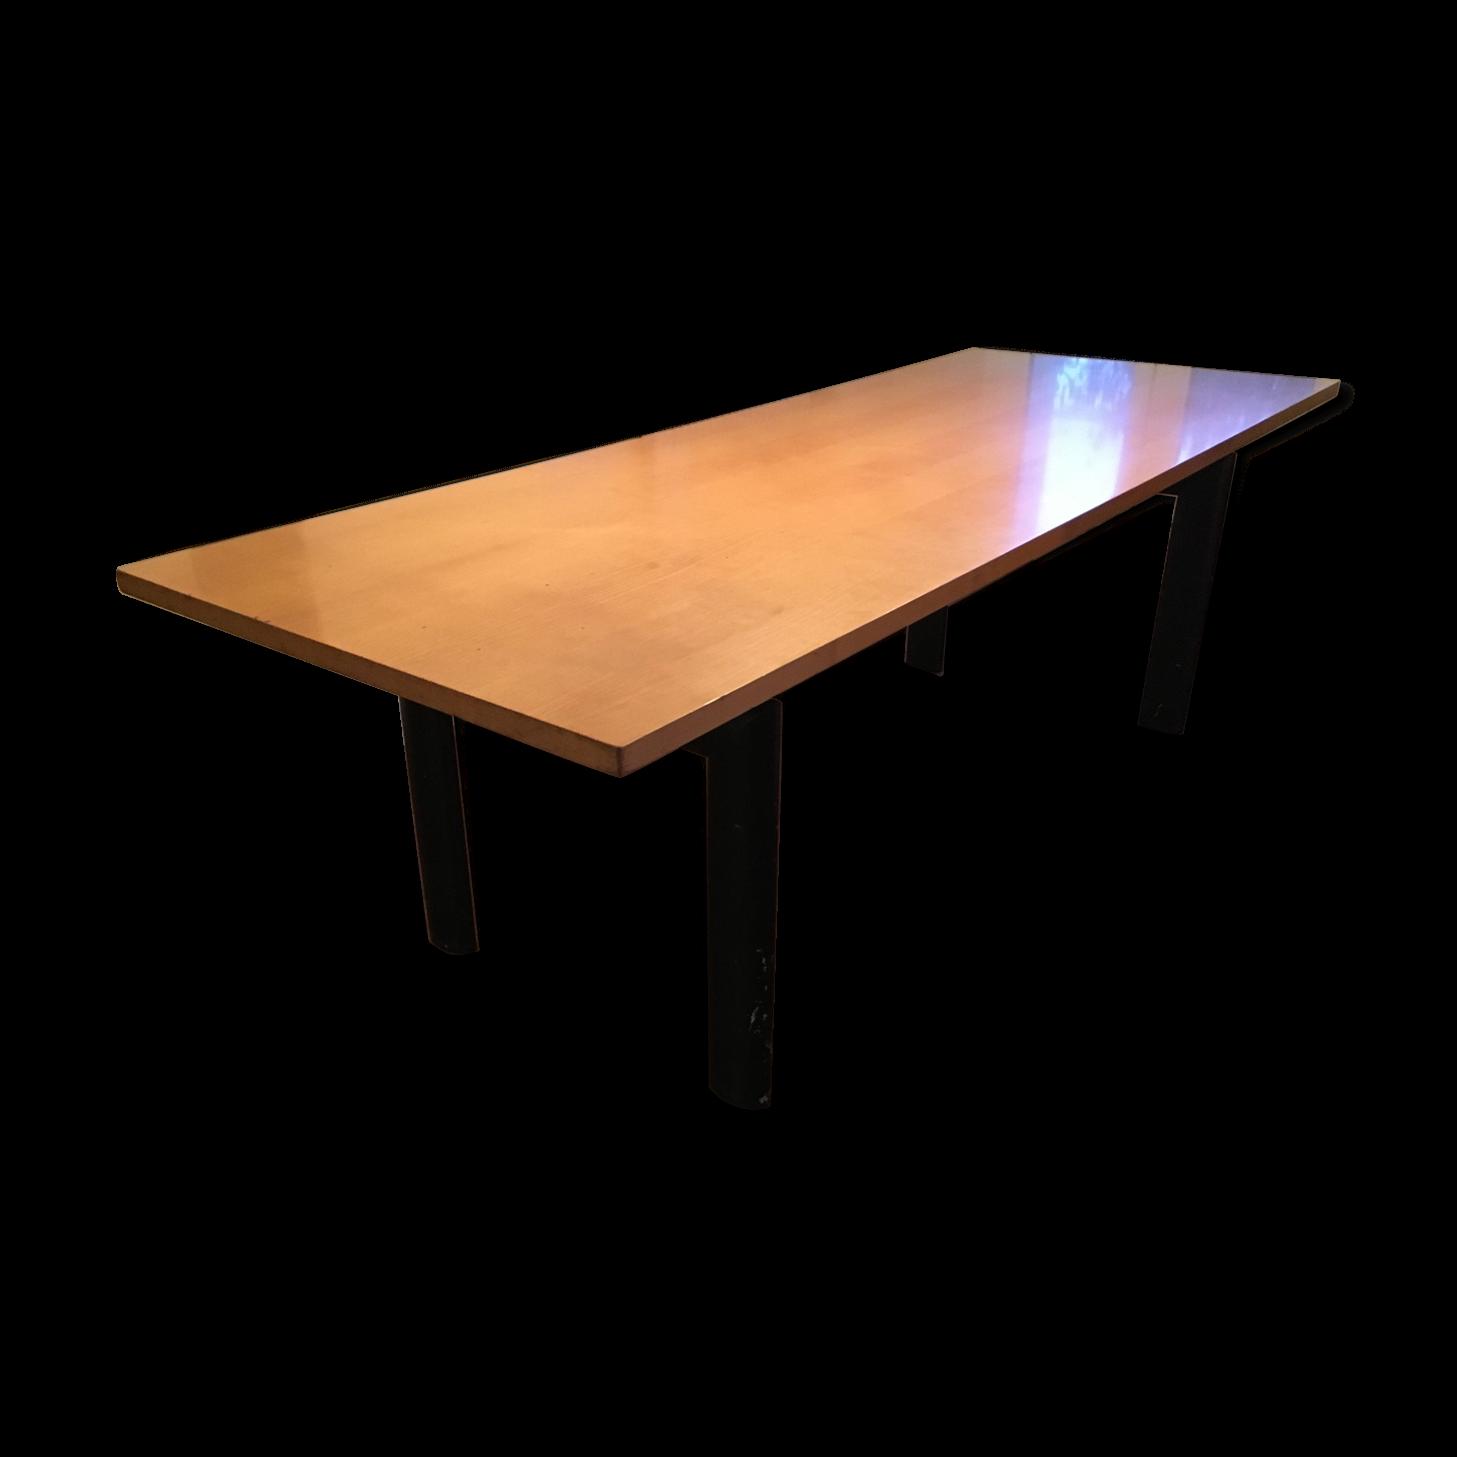 Table Le Corbusier LC6 Plateau Bois